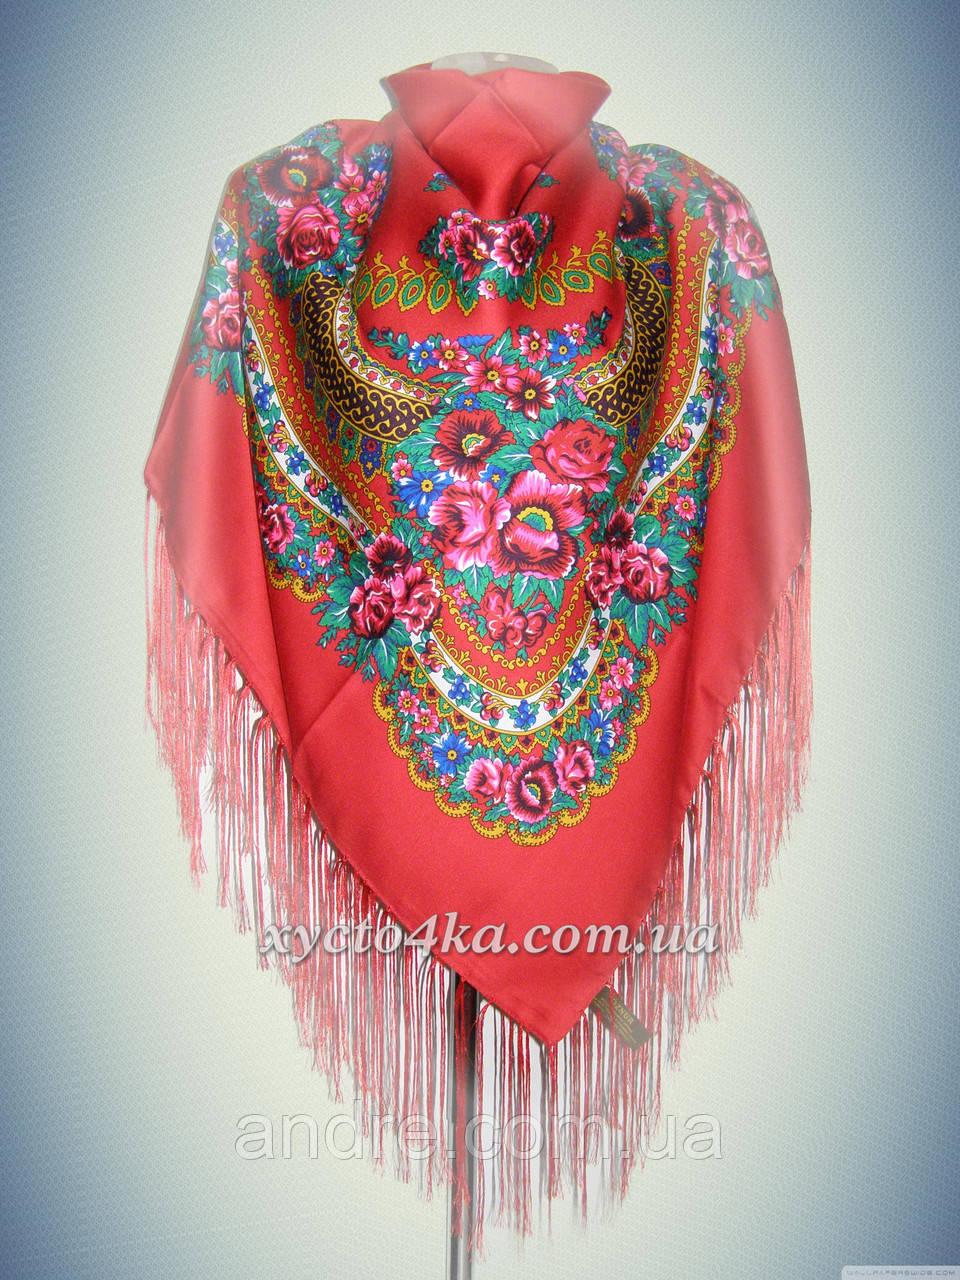 Шерстяной платок в народном стиле, красный